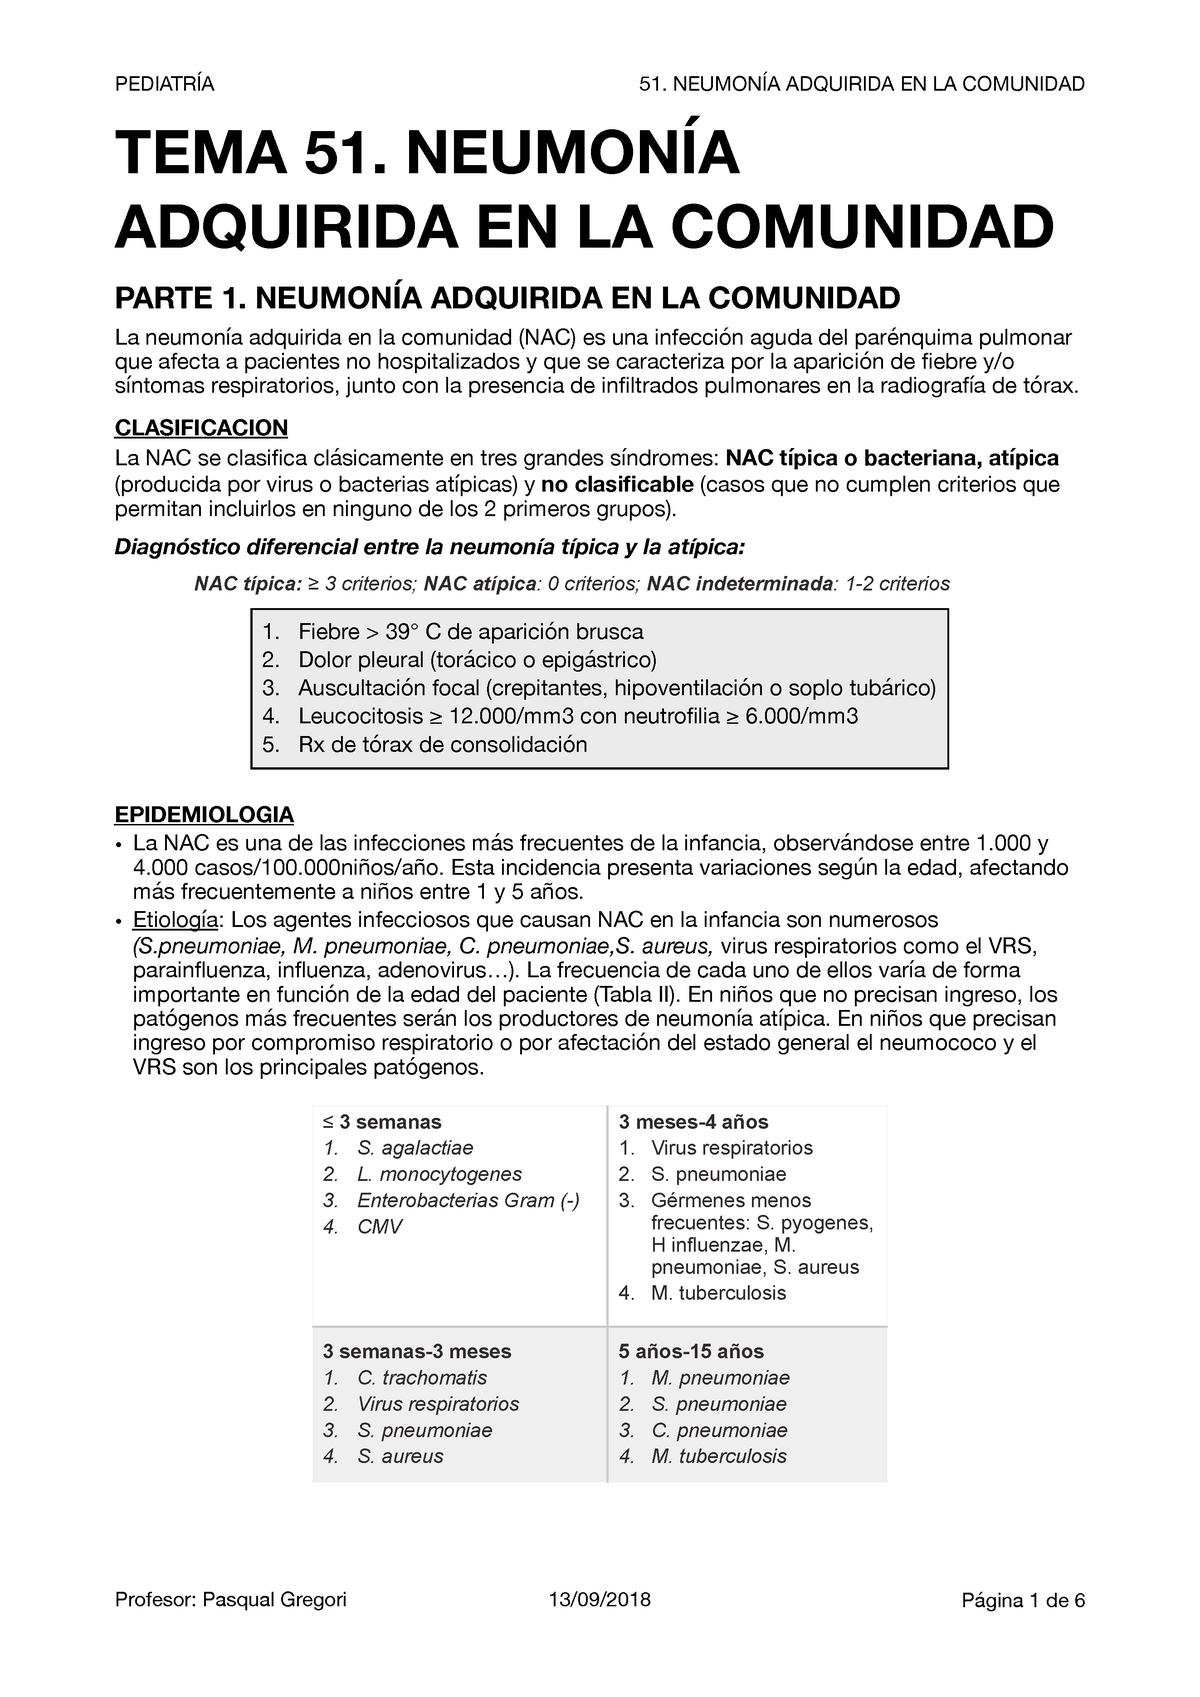 neumonia tipo 1 2 3